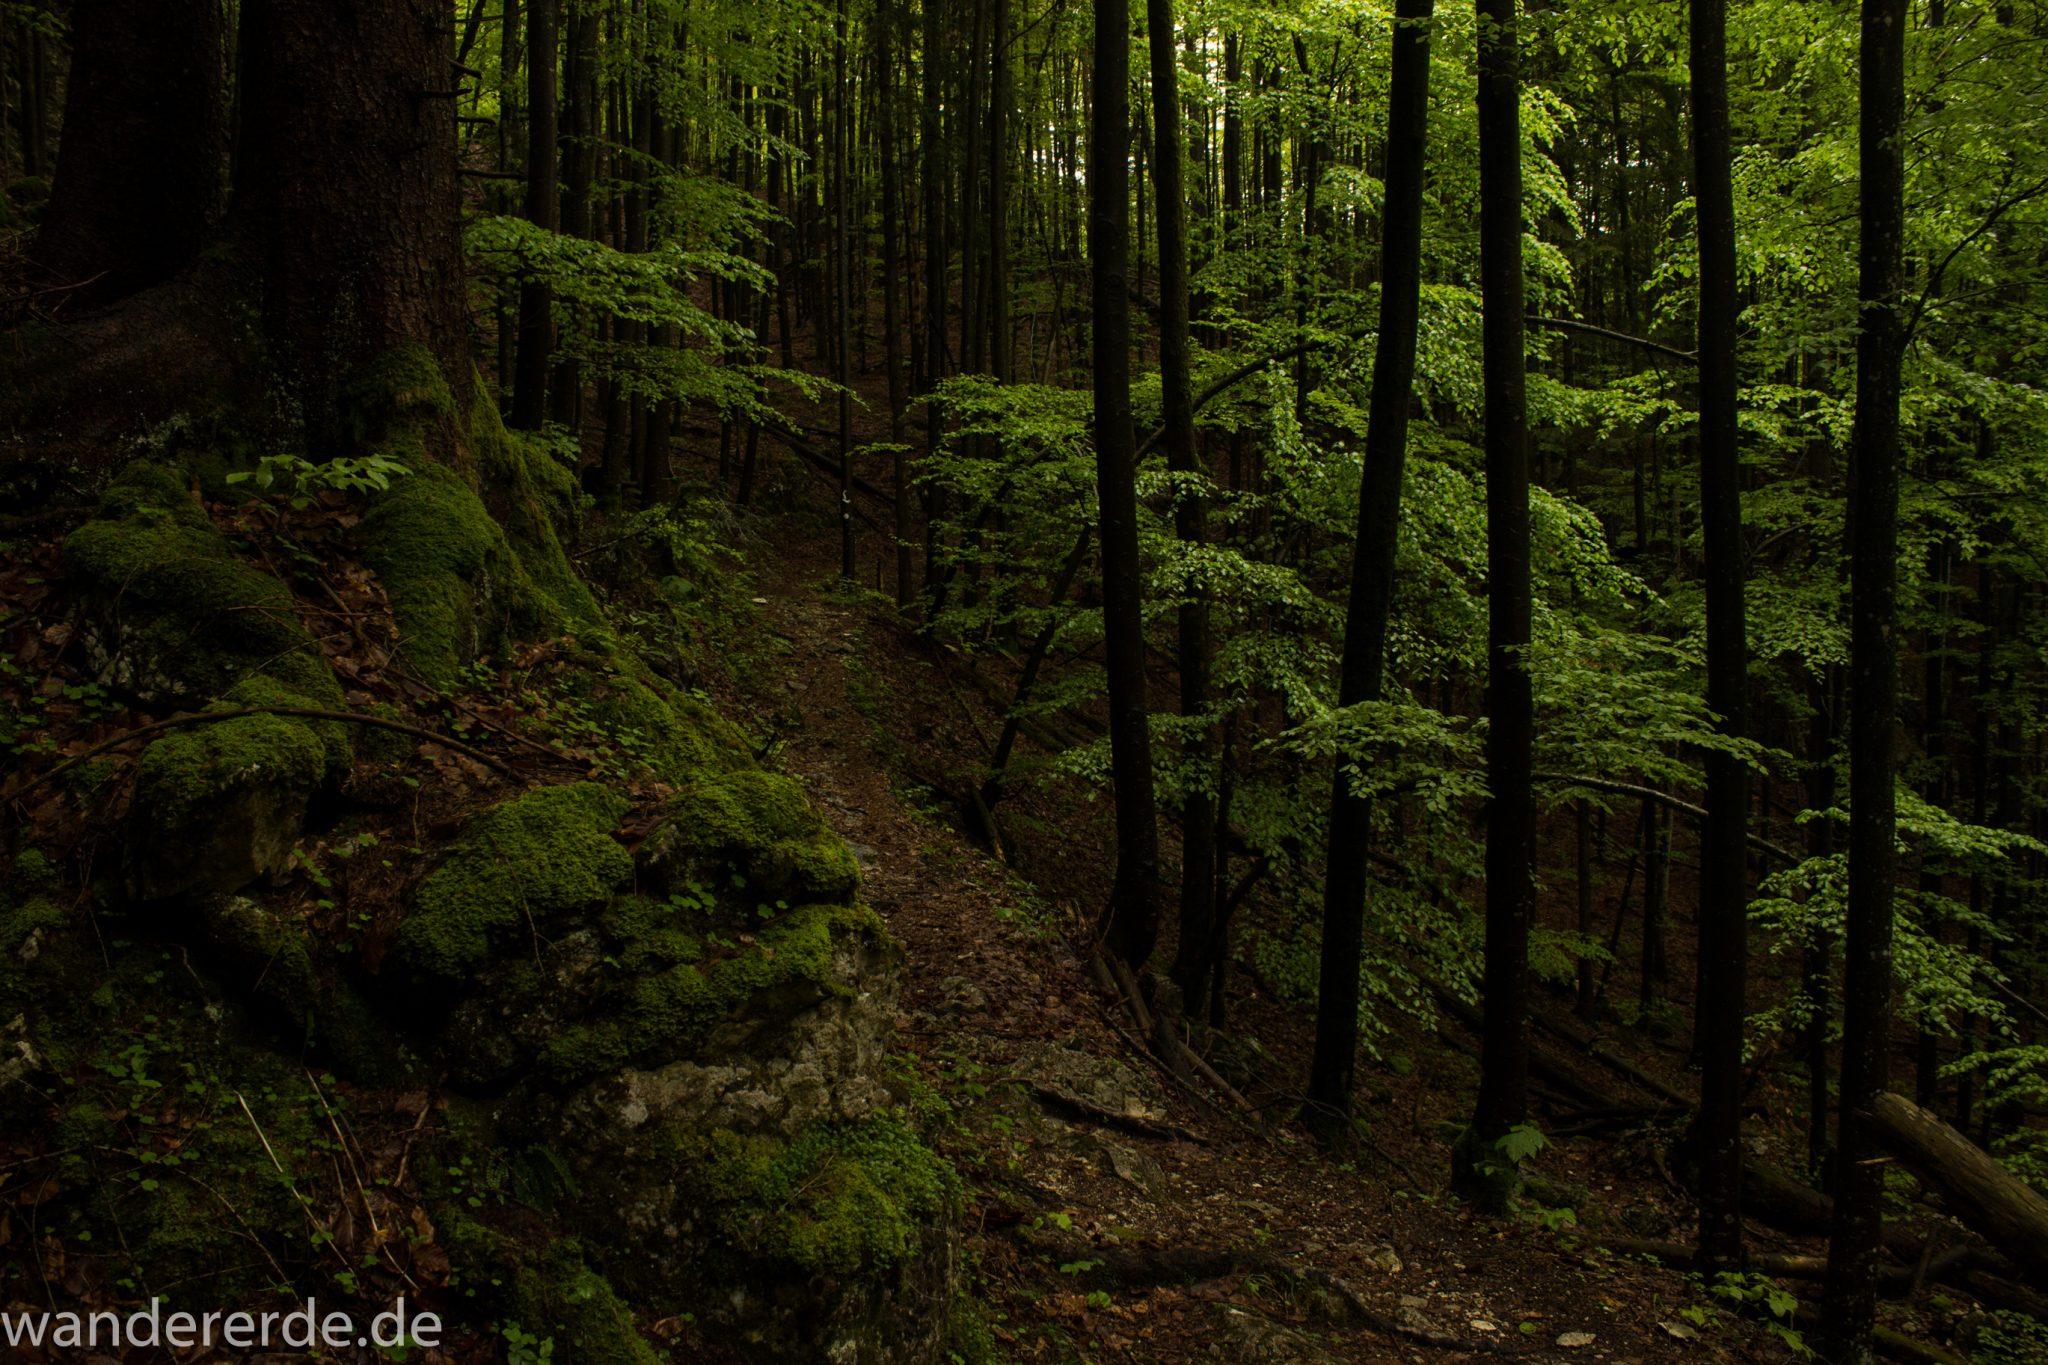 Wanderung beim Alpsee bei Hohenschwangau, schöner schmaler Wanderweg durch Laubwald und Nadelwald, Frühling in Bayern, alte Bäume werden liegen gelassen, Moos am Baum